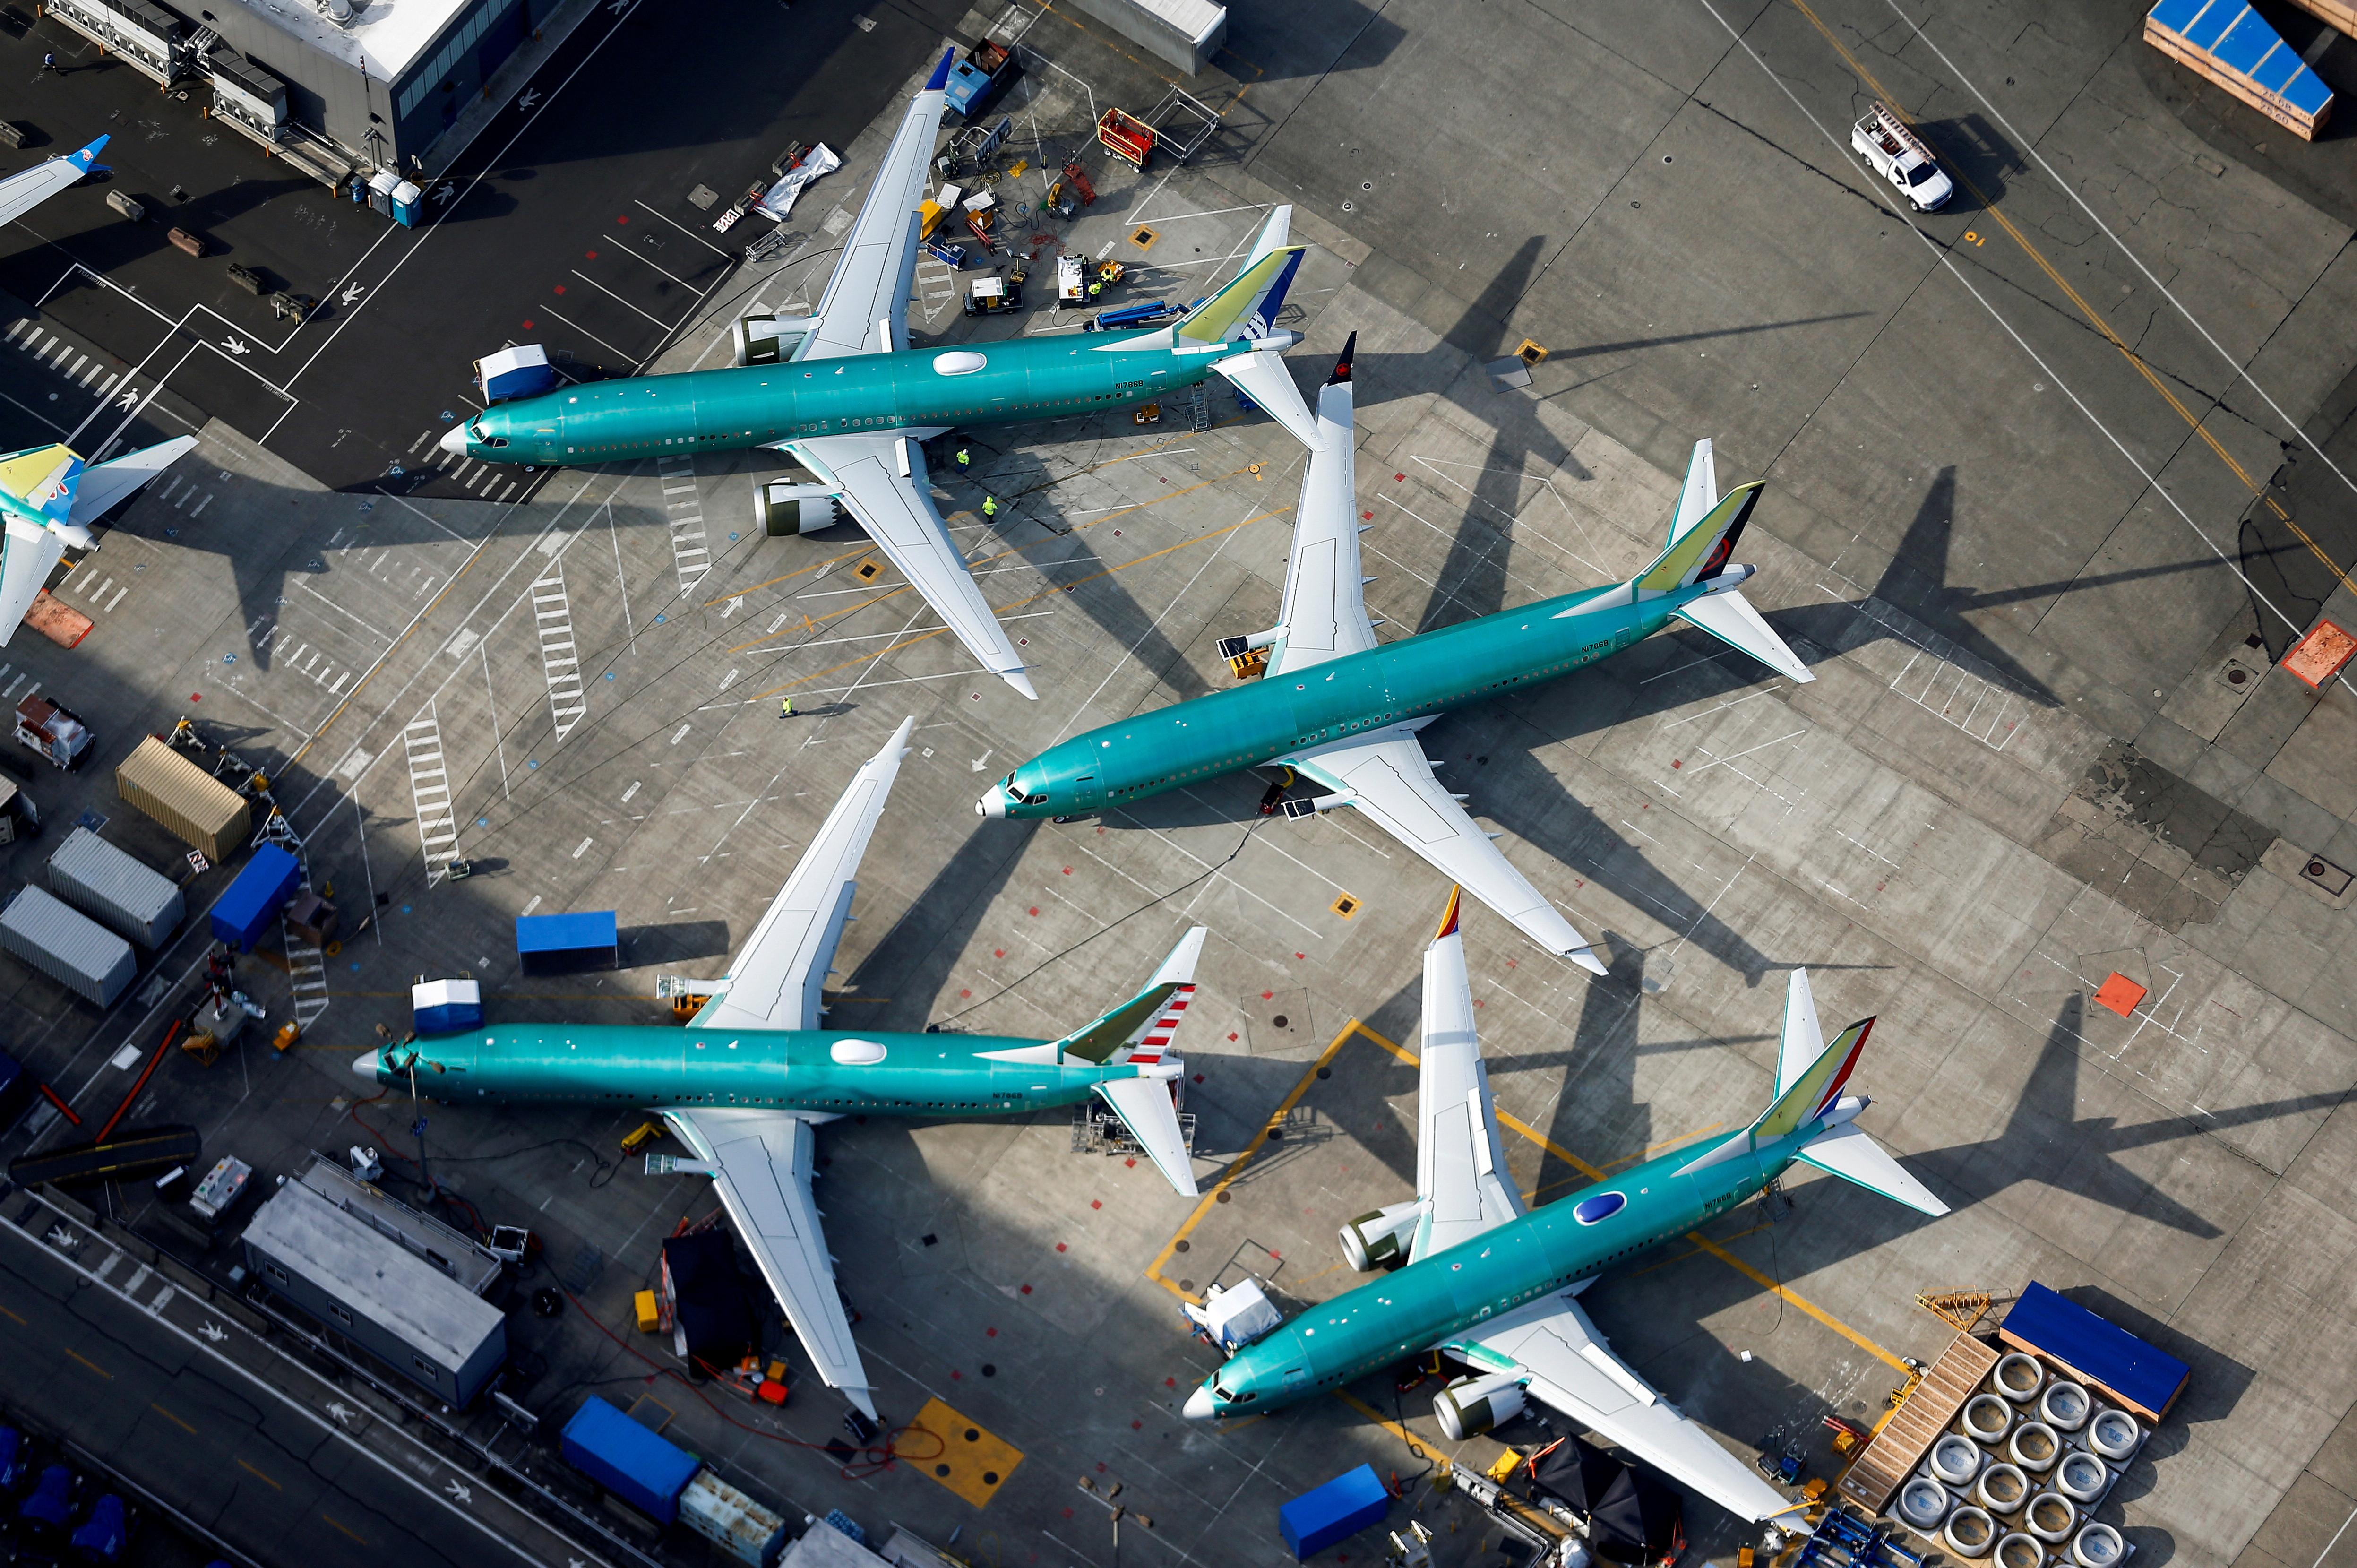 Formação em Boeing 737 Max 8 foi feita através de curso rápido online